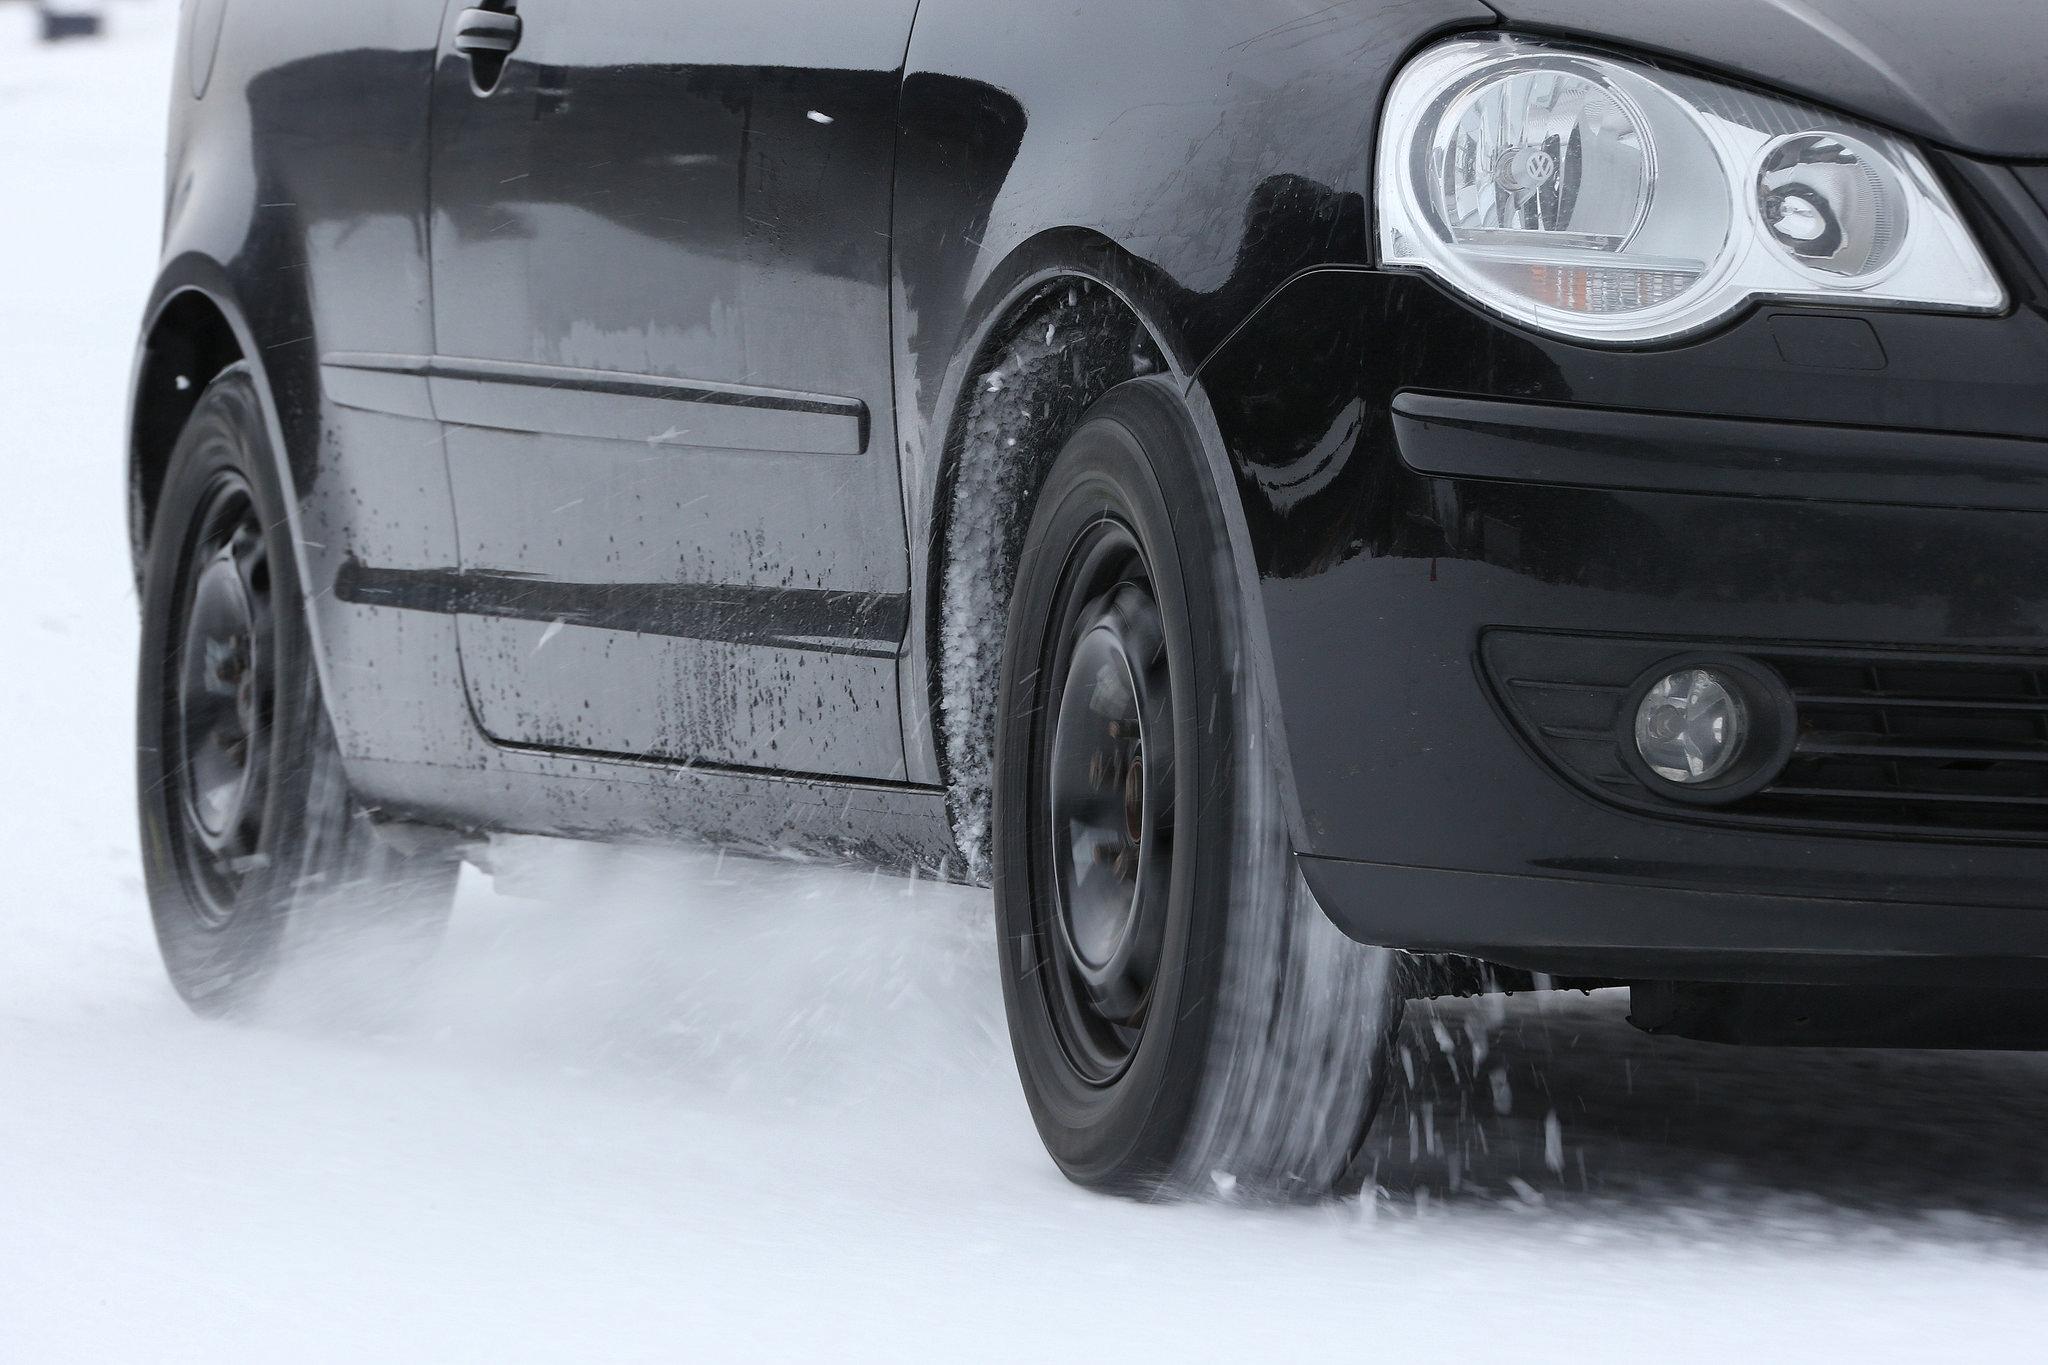 test pneu hiver 2017 test des pneus hiver 2017 2018 quel est le meilleur pneu pneu hiver test. Black Bedroom Furniture Sets. Home Design Ideas